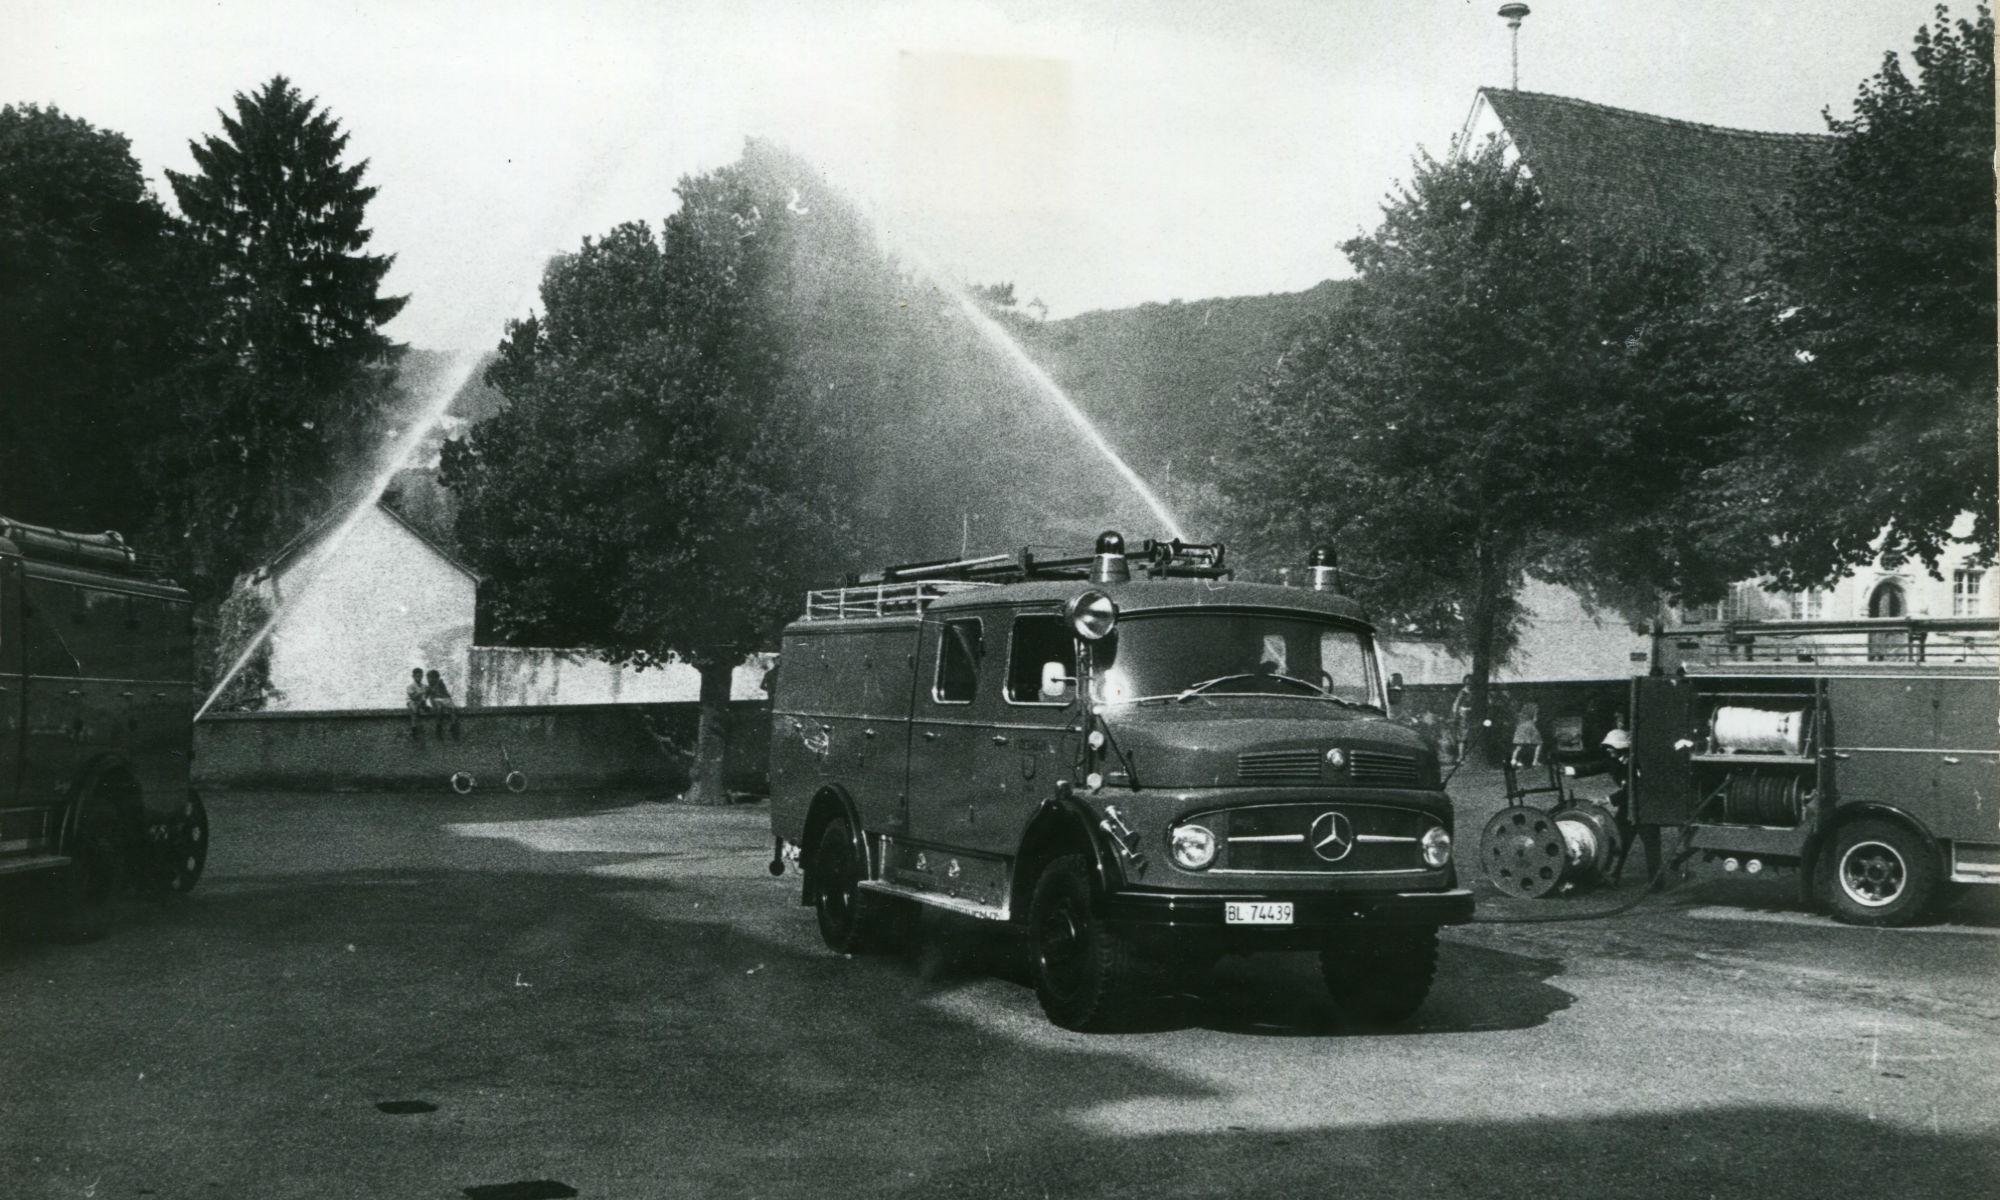 Feuerwehrverein Arlesheim